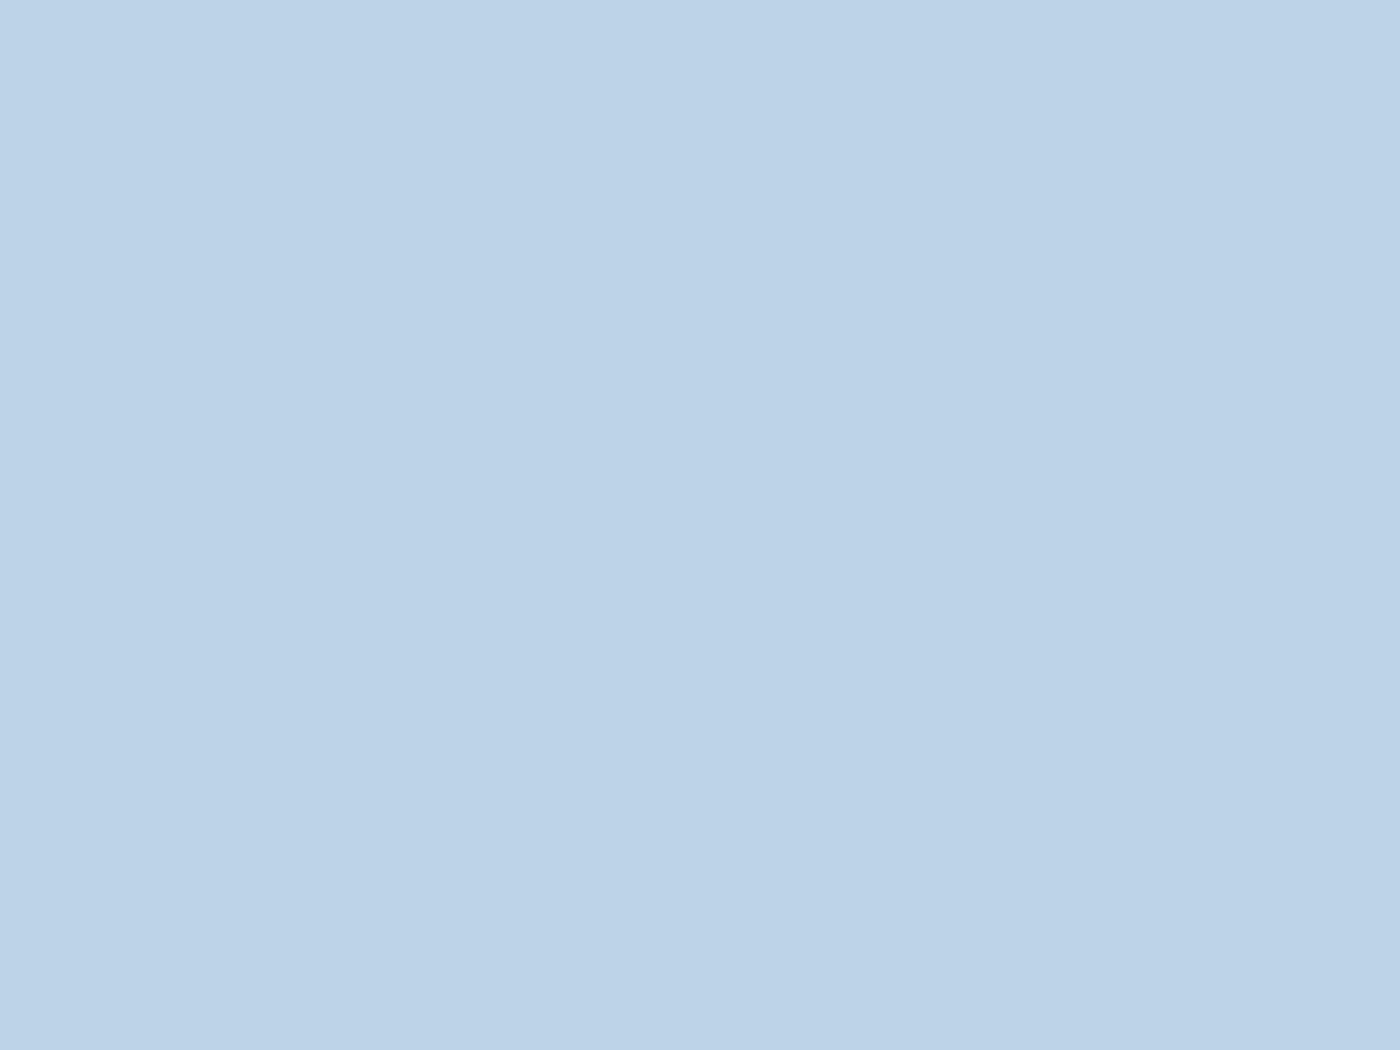 1400x1050 Pale Aqua Solid Color Background